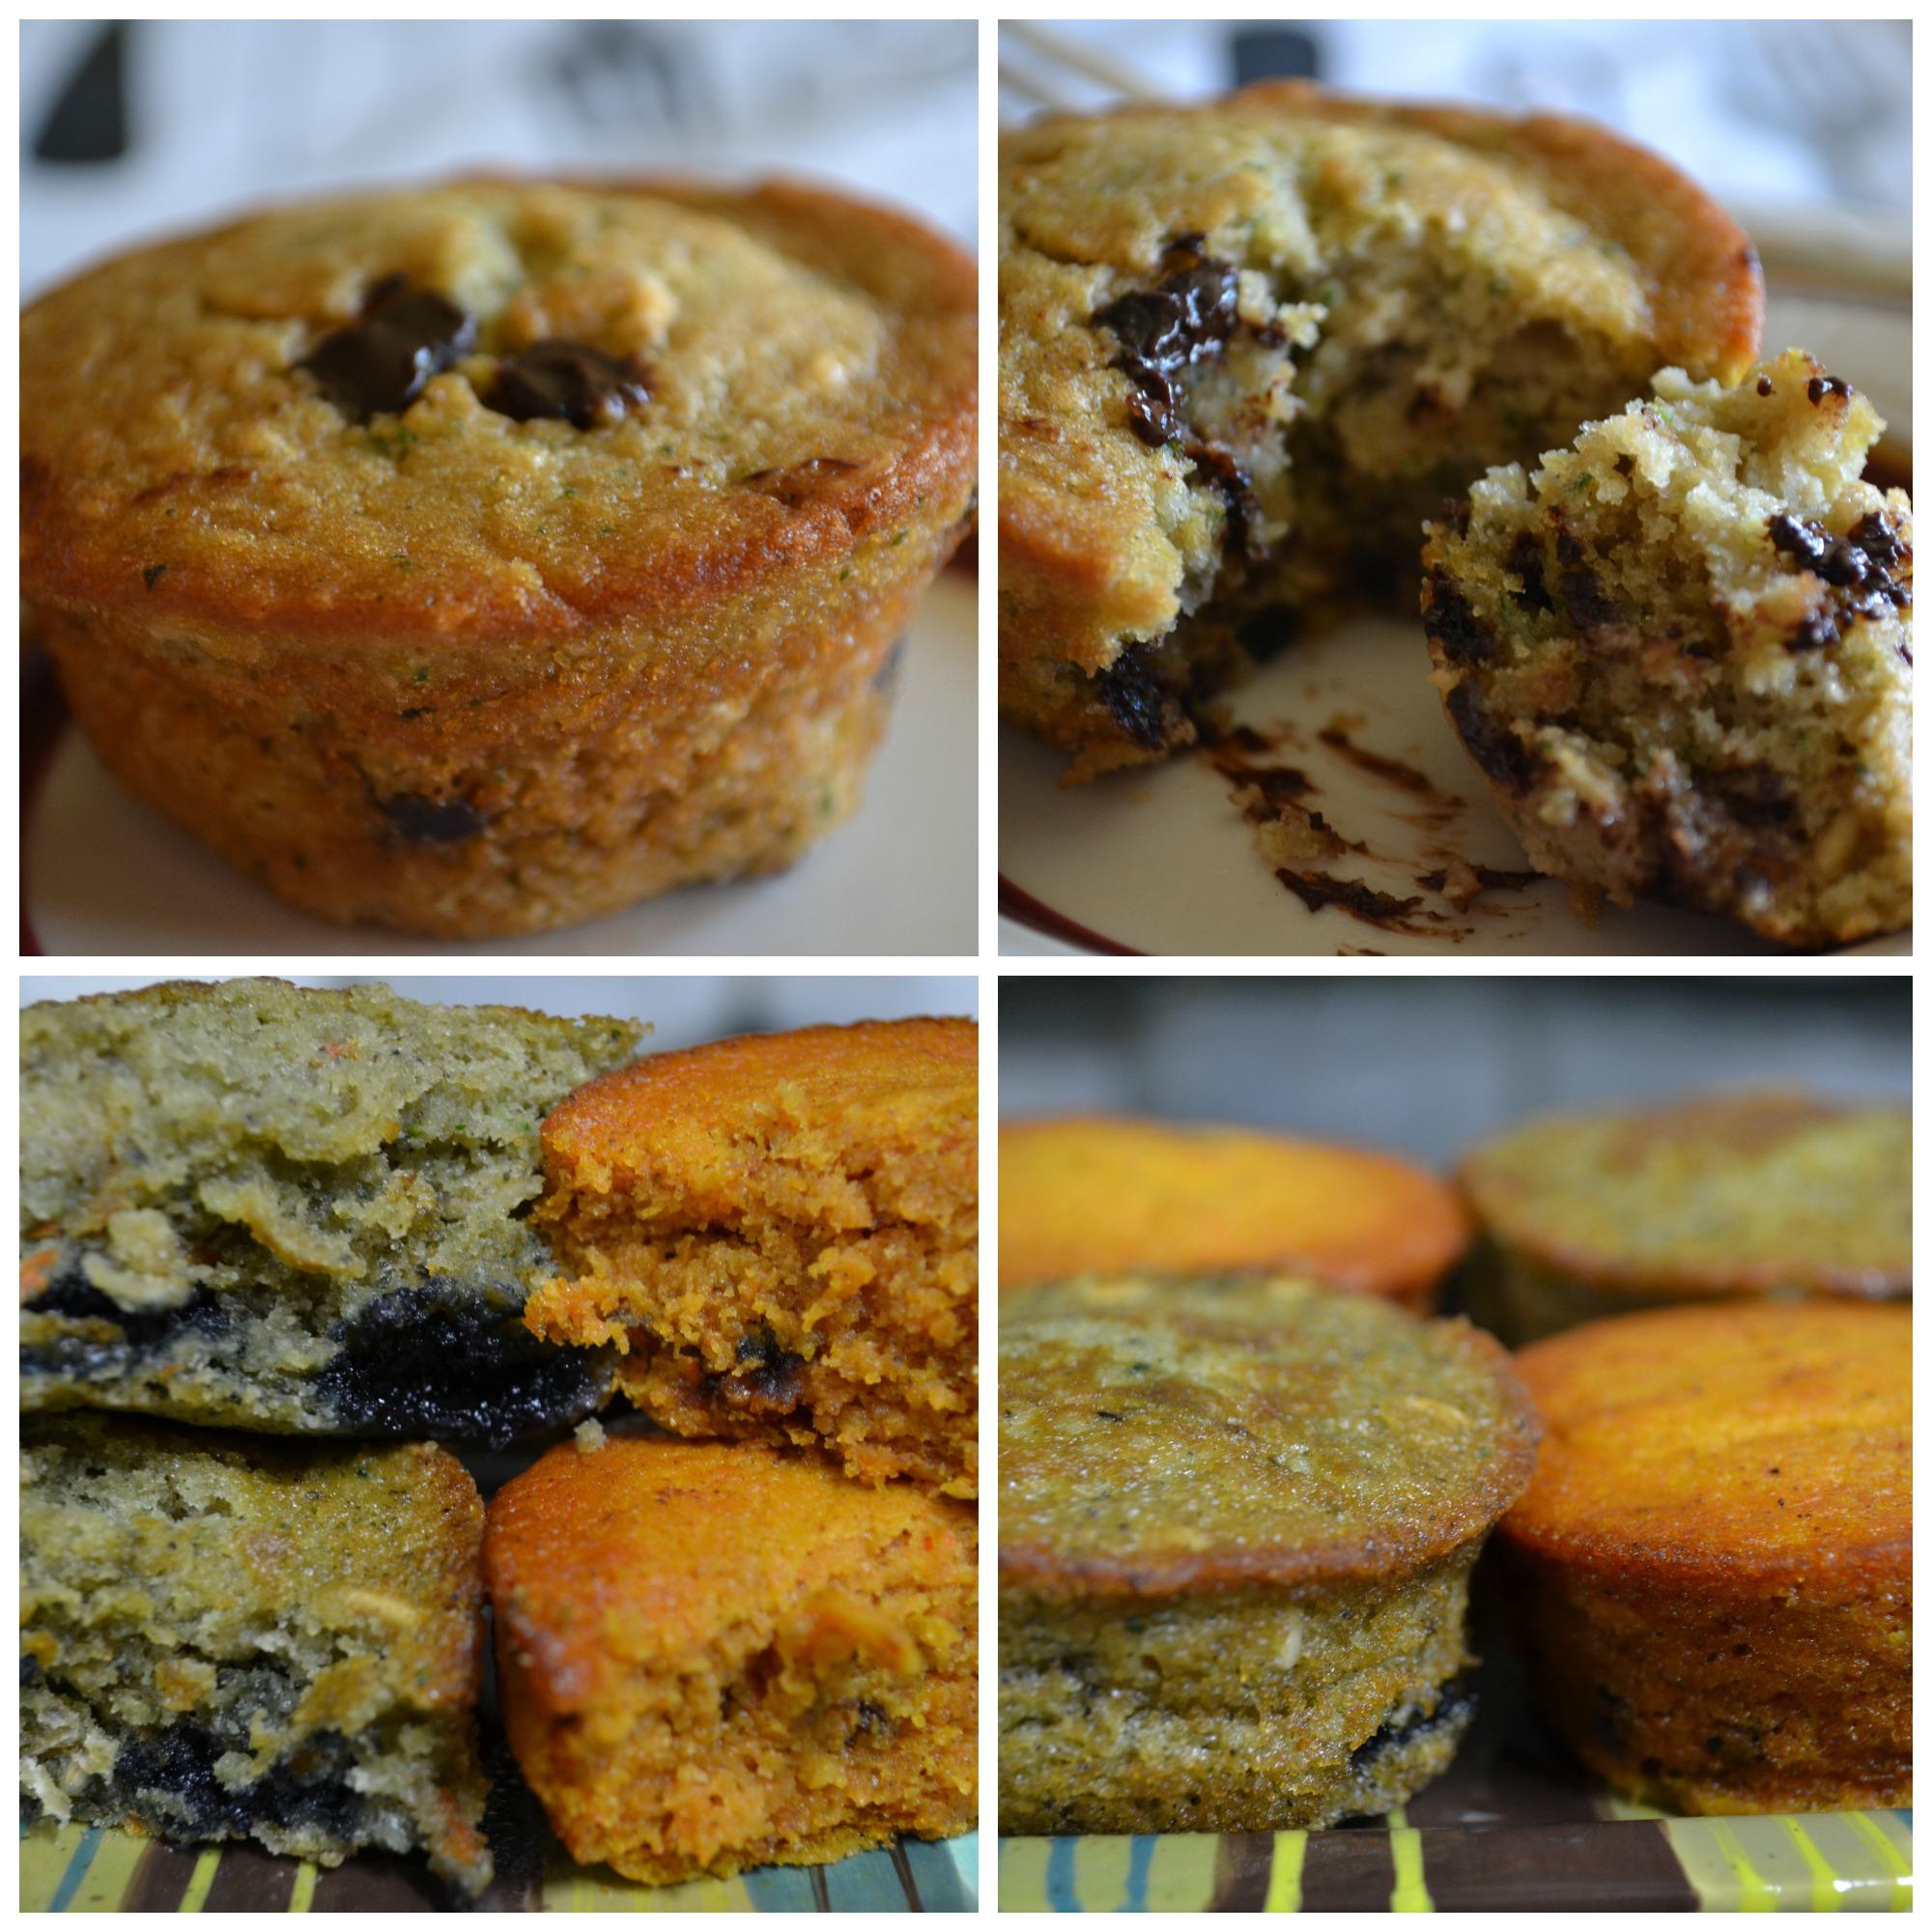 Veggie lites muffins delightfully gluten free tm - Garden lites blueberry oat muffins ...